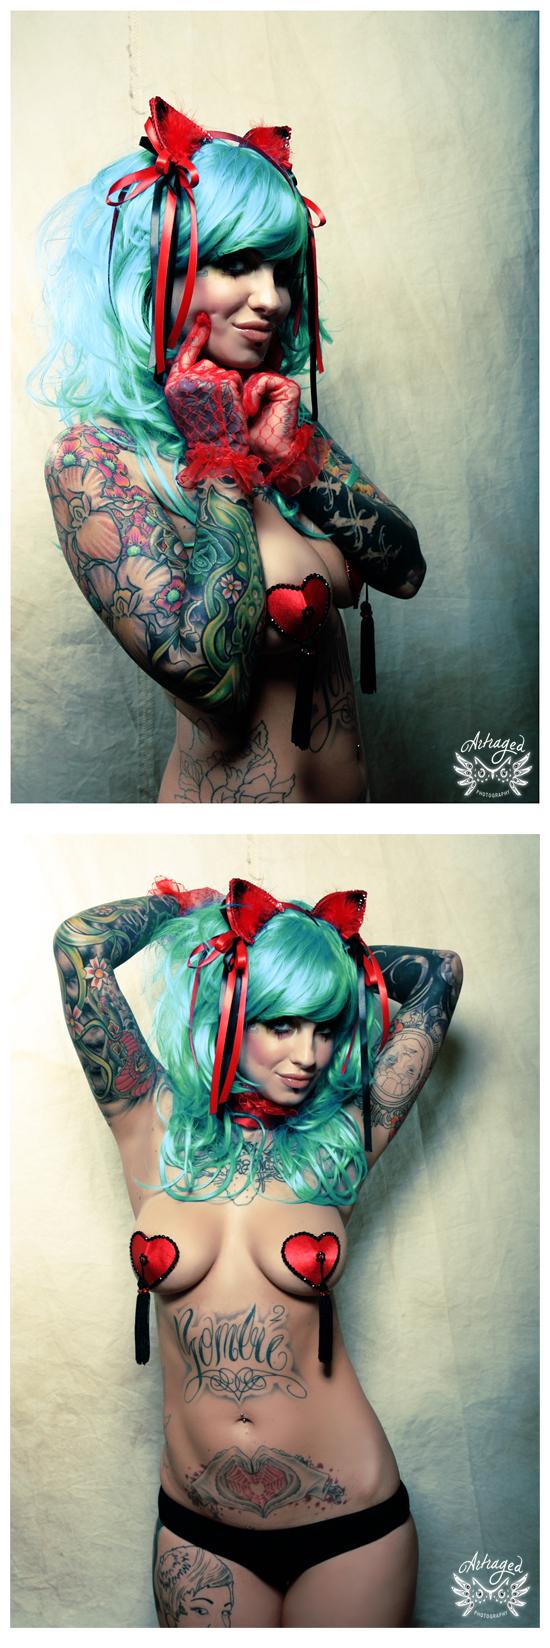 Apr 29, 2010 Dangerousy Dolly - Artraged Kitty Ears & Pasties